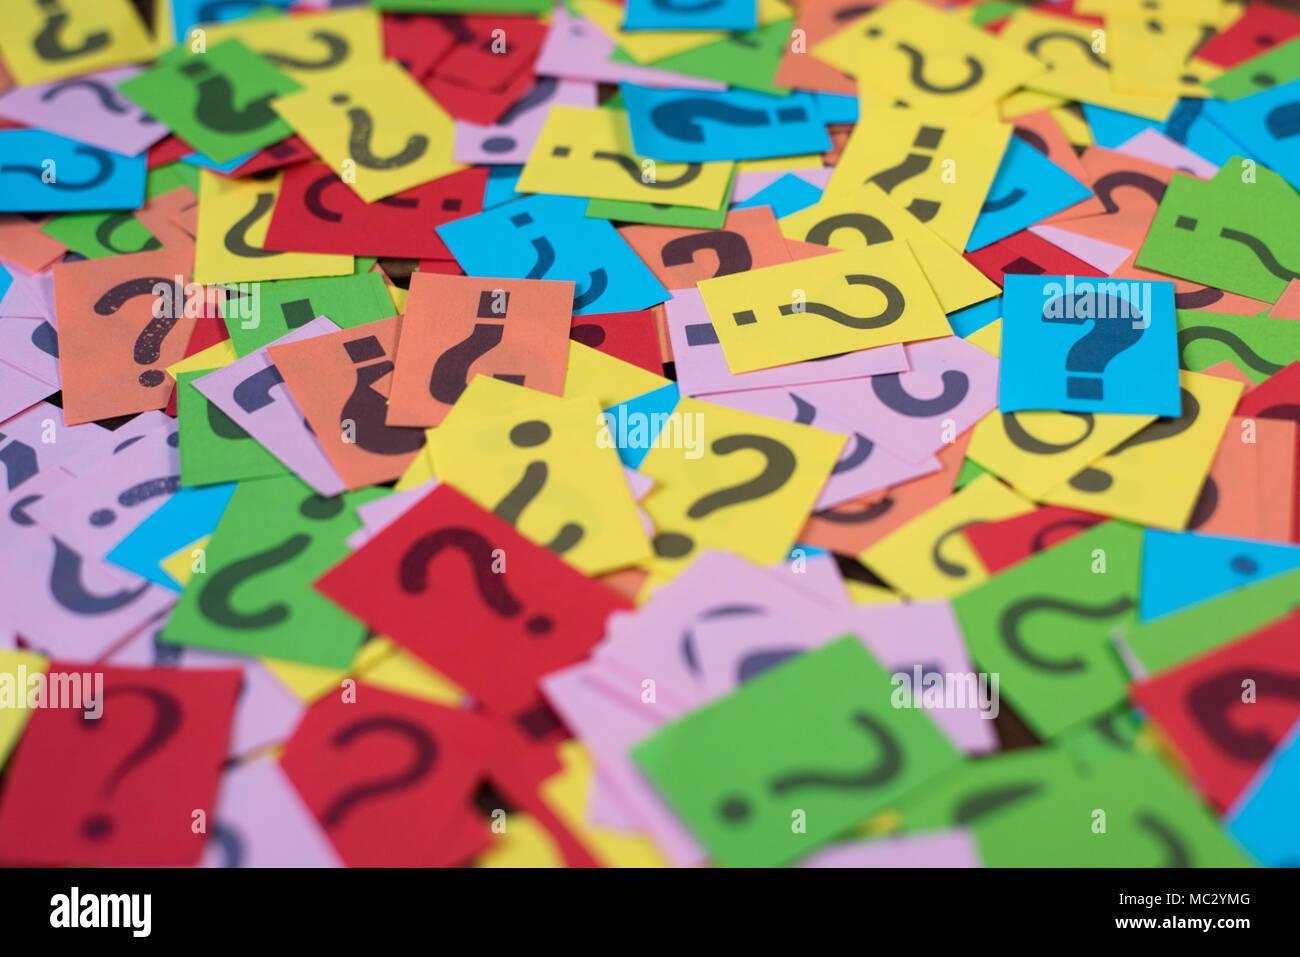 Carta colorata con un punto interrogativo come sfondo. mistero,diversità,domande concept Immagini Stock